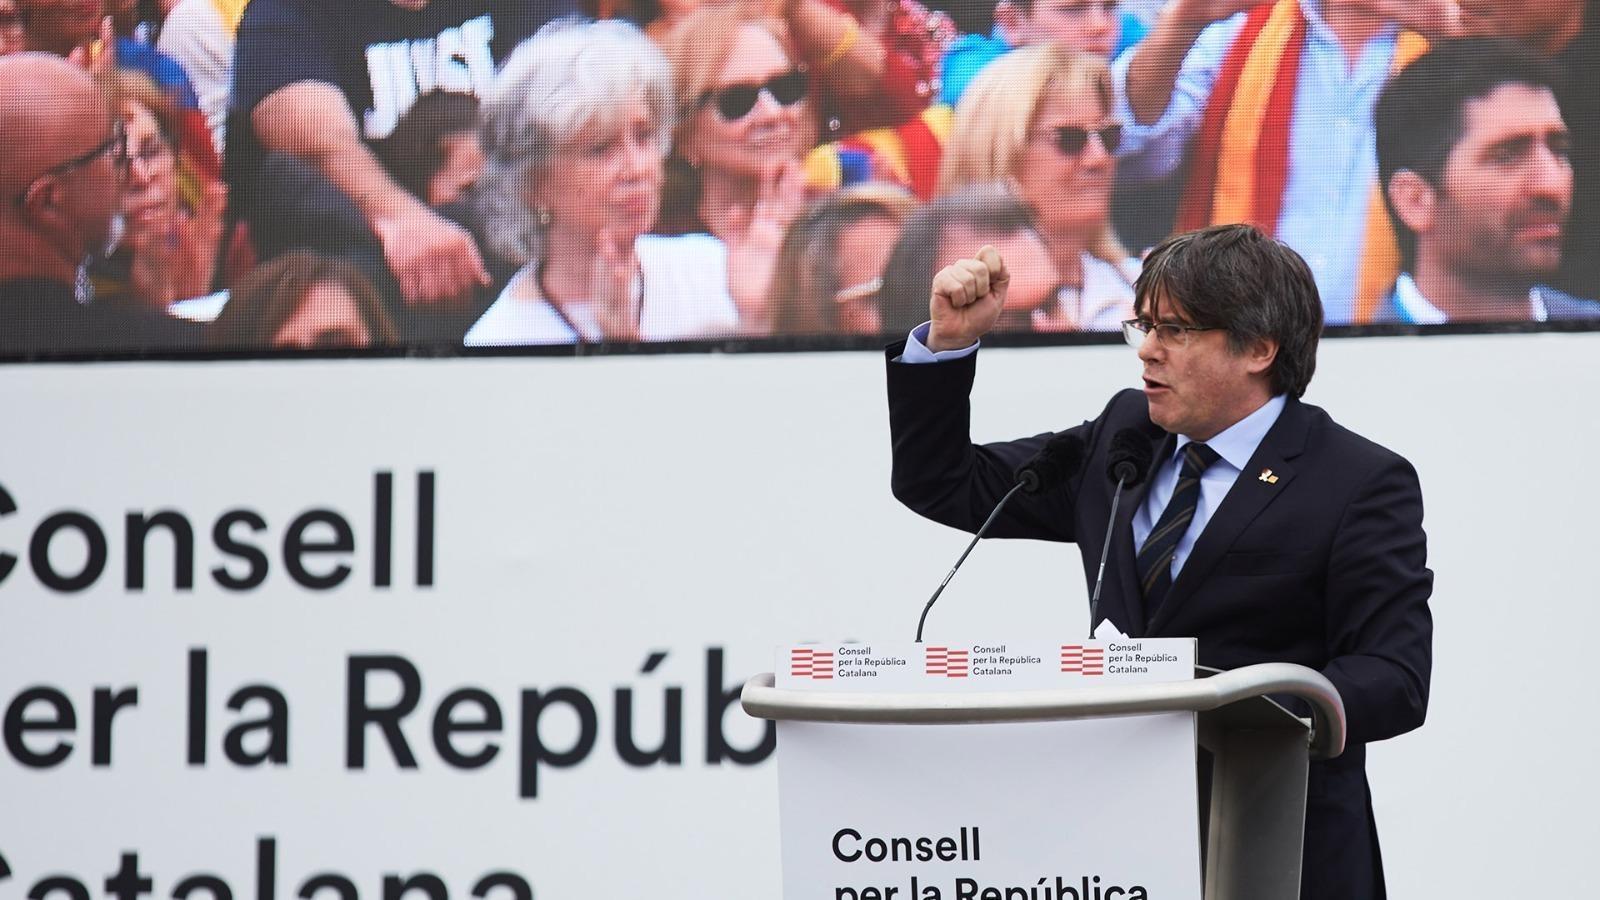 L'anàlisi d'Antoni Bassas: Avui és el dia de Puigdemont